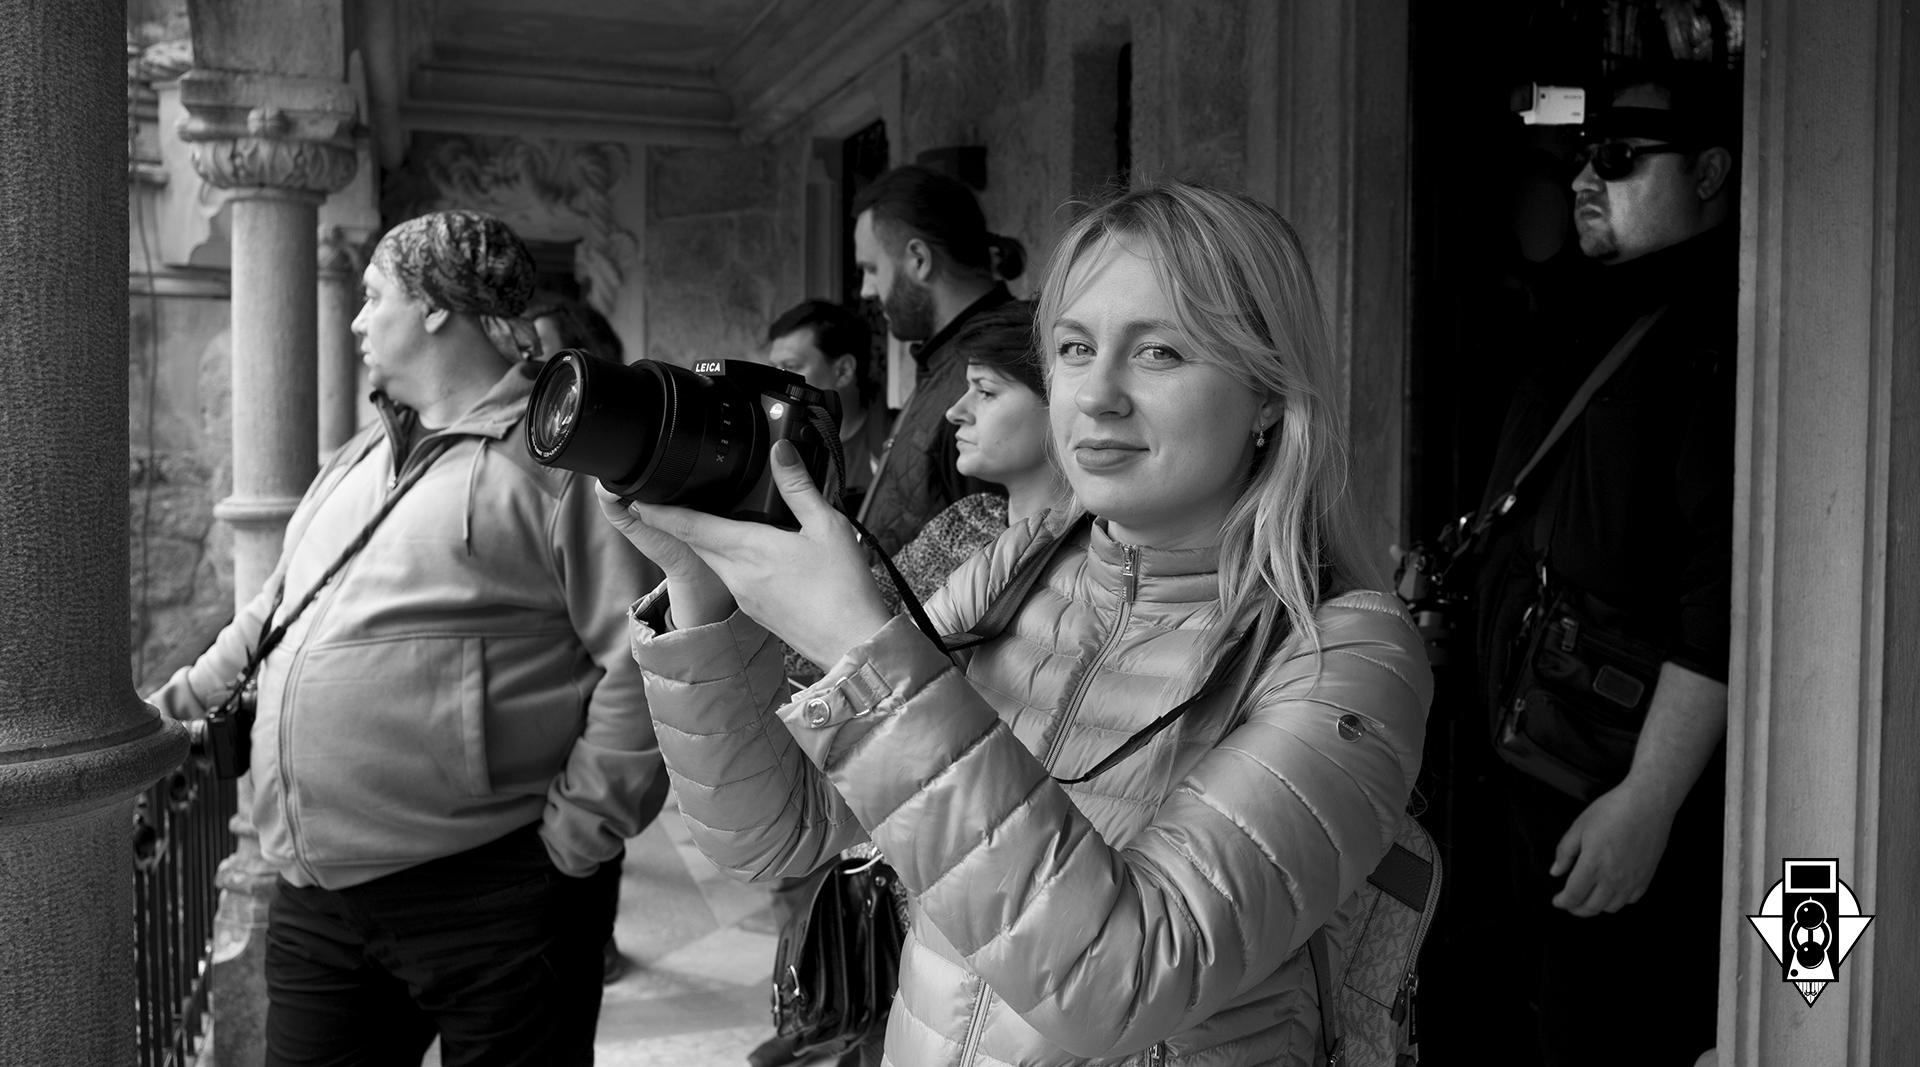 Алиса Новоселова. От фотографа-любителя до фотохудожника-профессионала. Как это было…